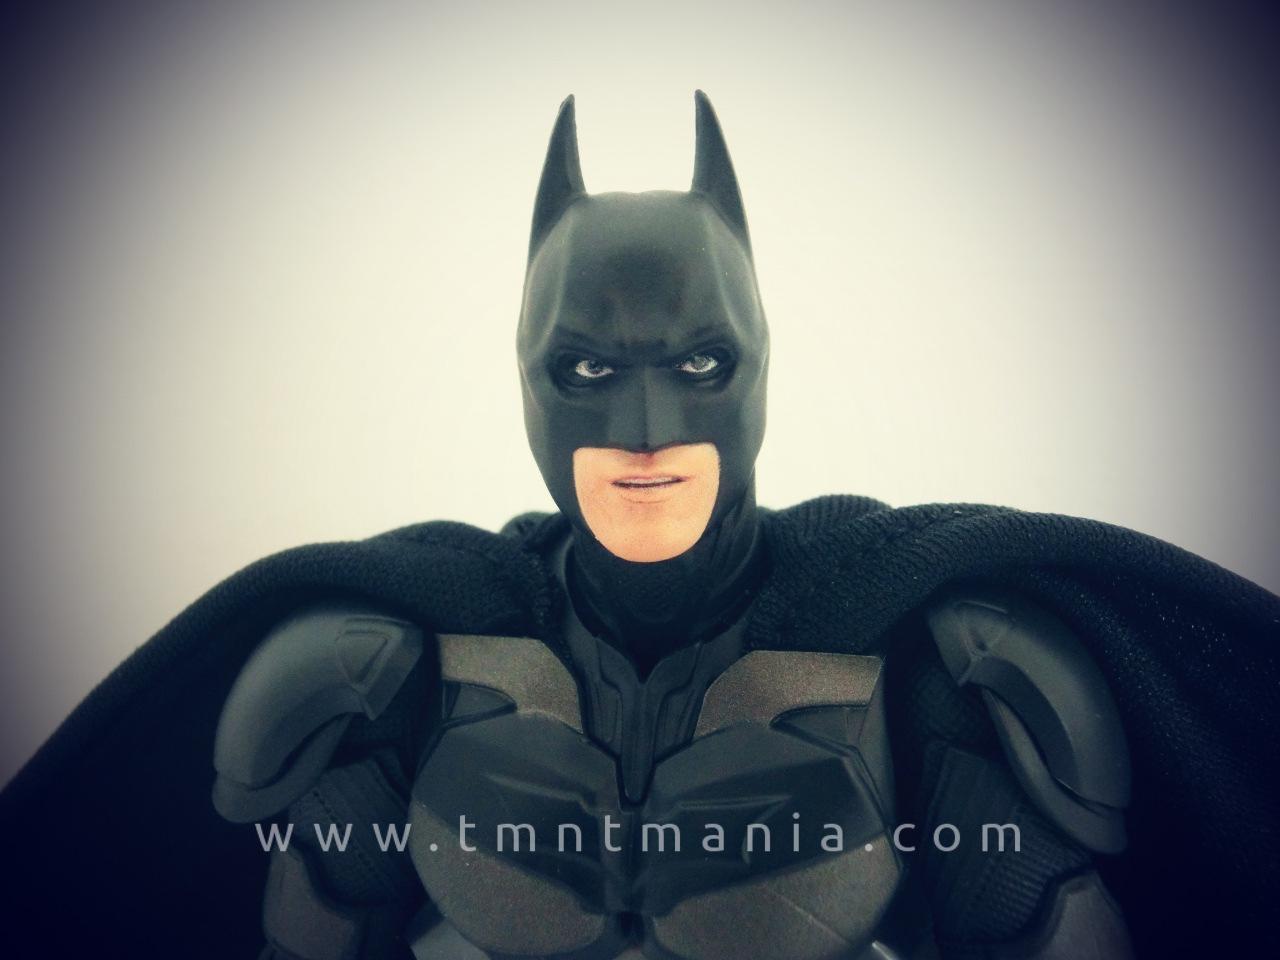 SH Figuarts Batman Cara 2